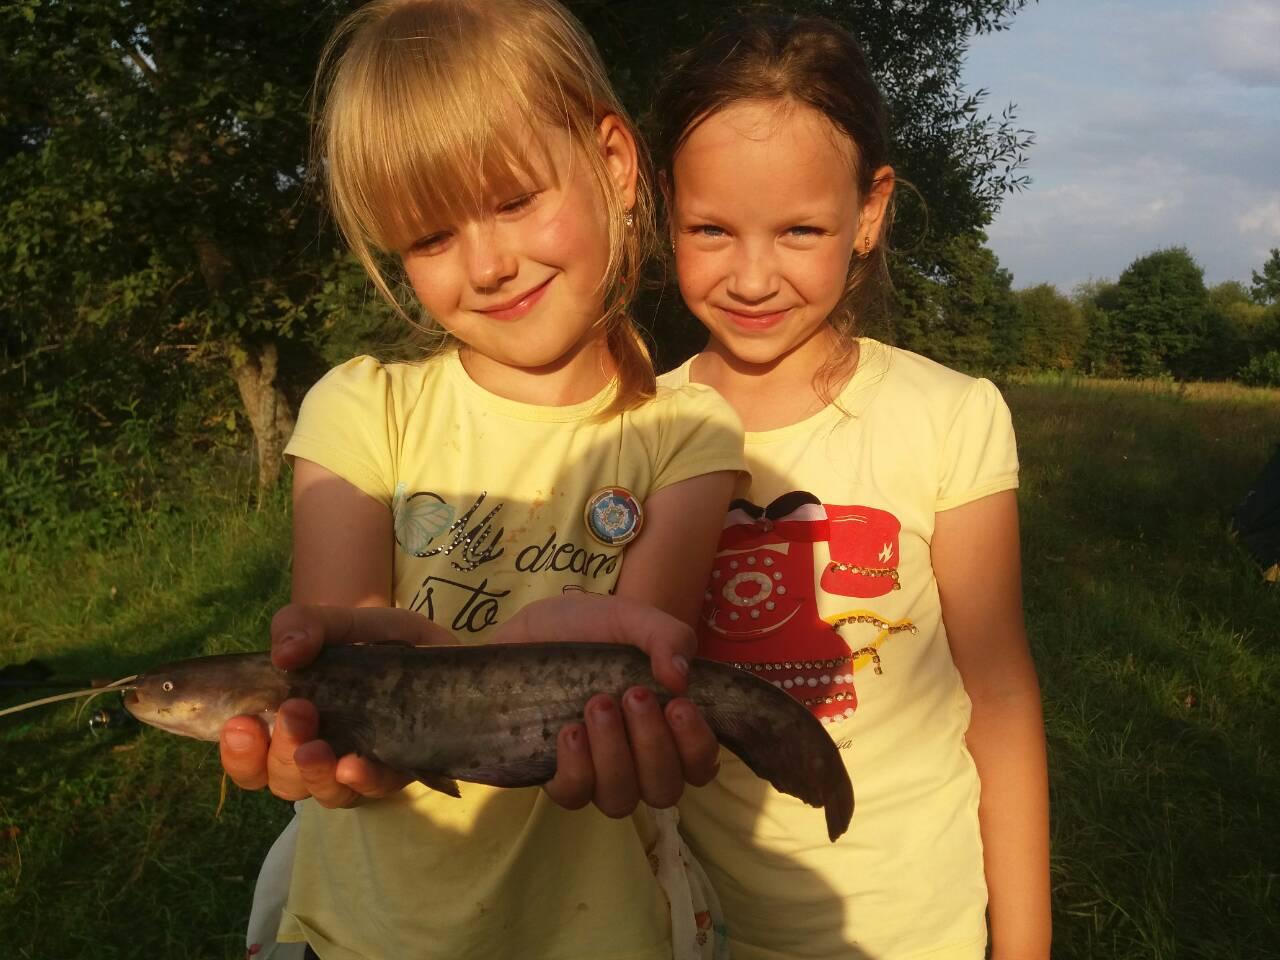 Собрались с товарищем в субботу на рыбалку с ...   Отчеты о рыбалке в Беларуси